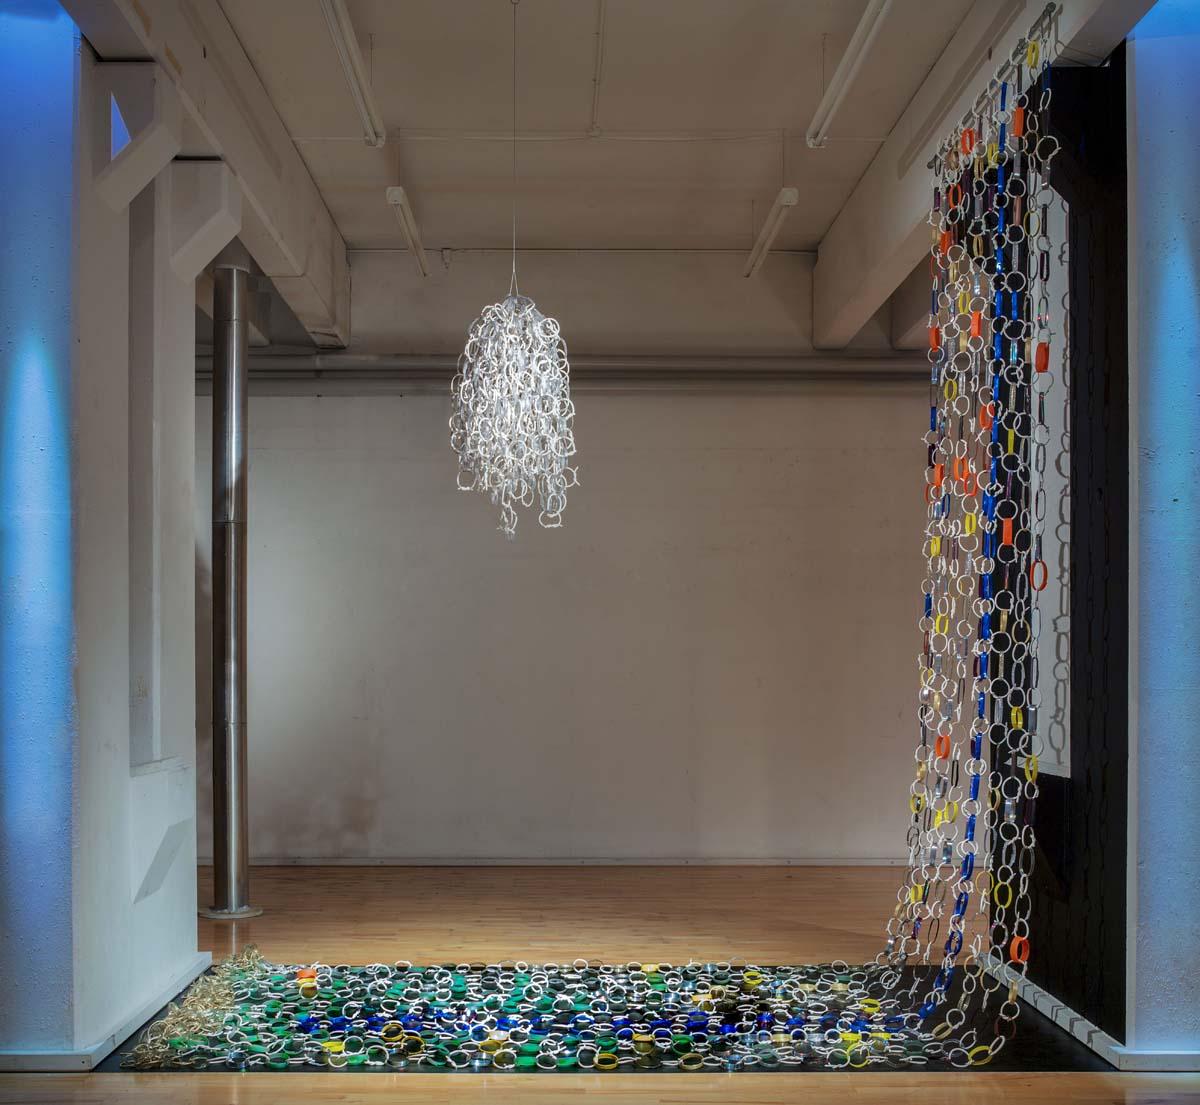 Biennalen for Craft and Design